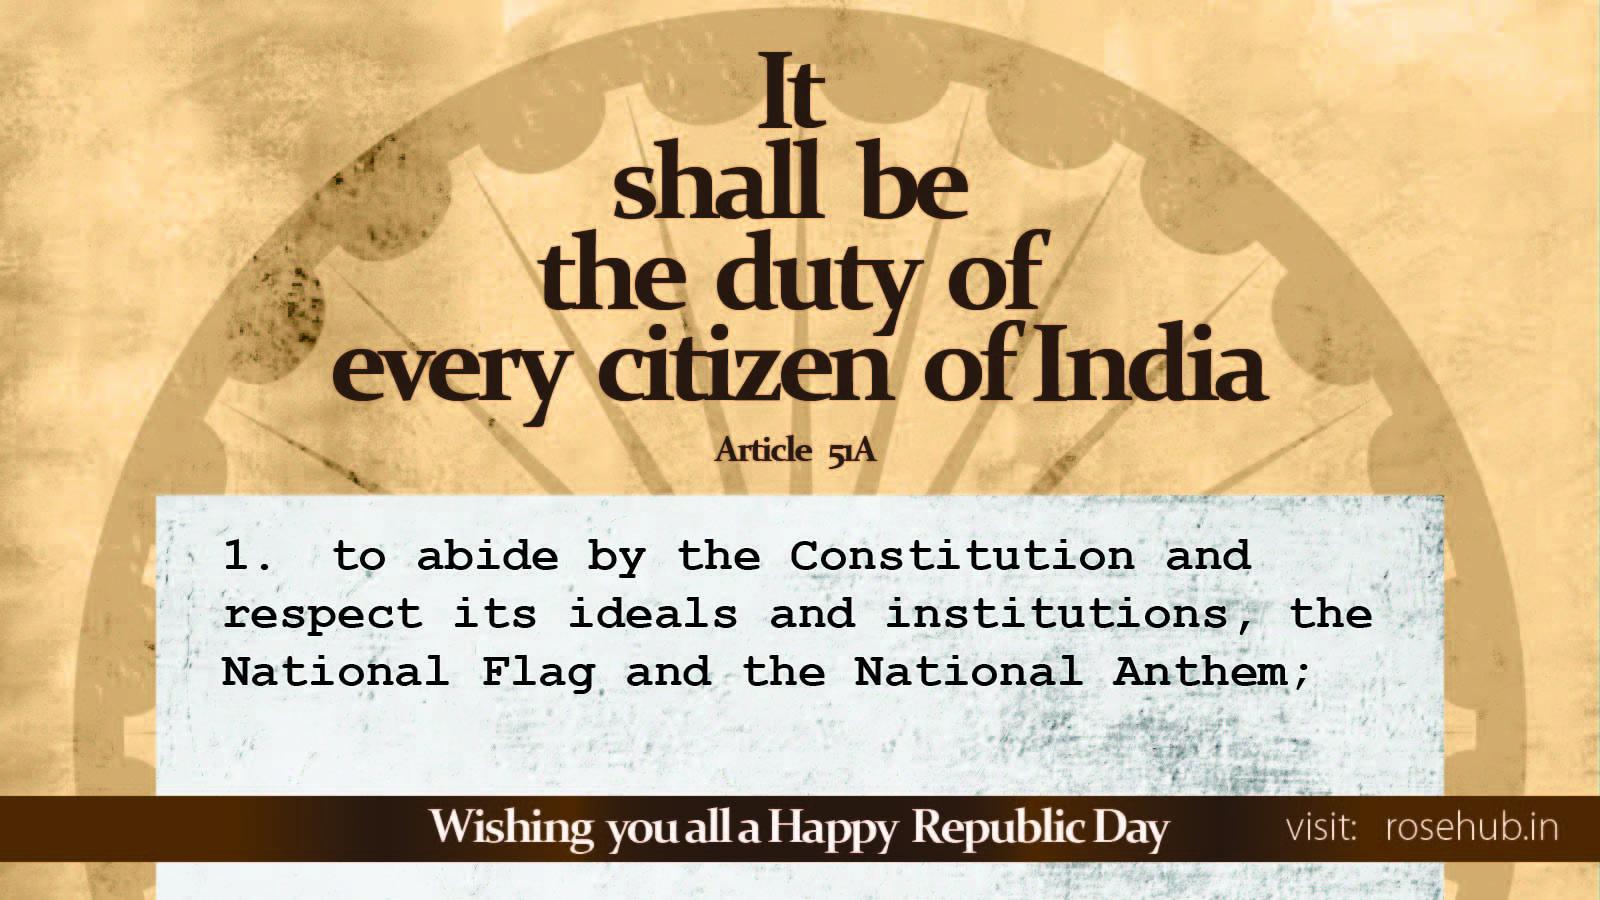 Happy Republic Day Rosehub 1600x900